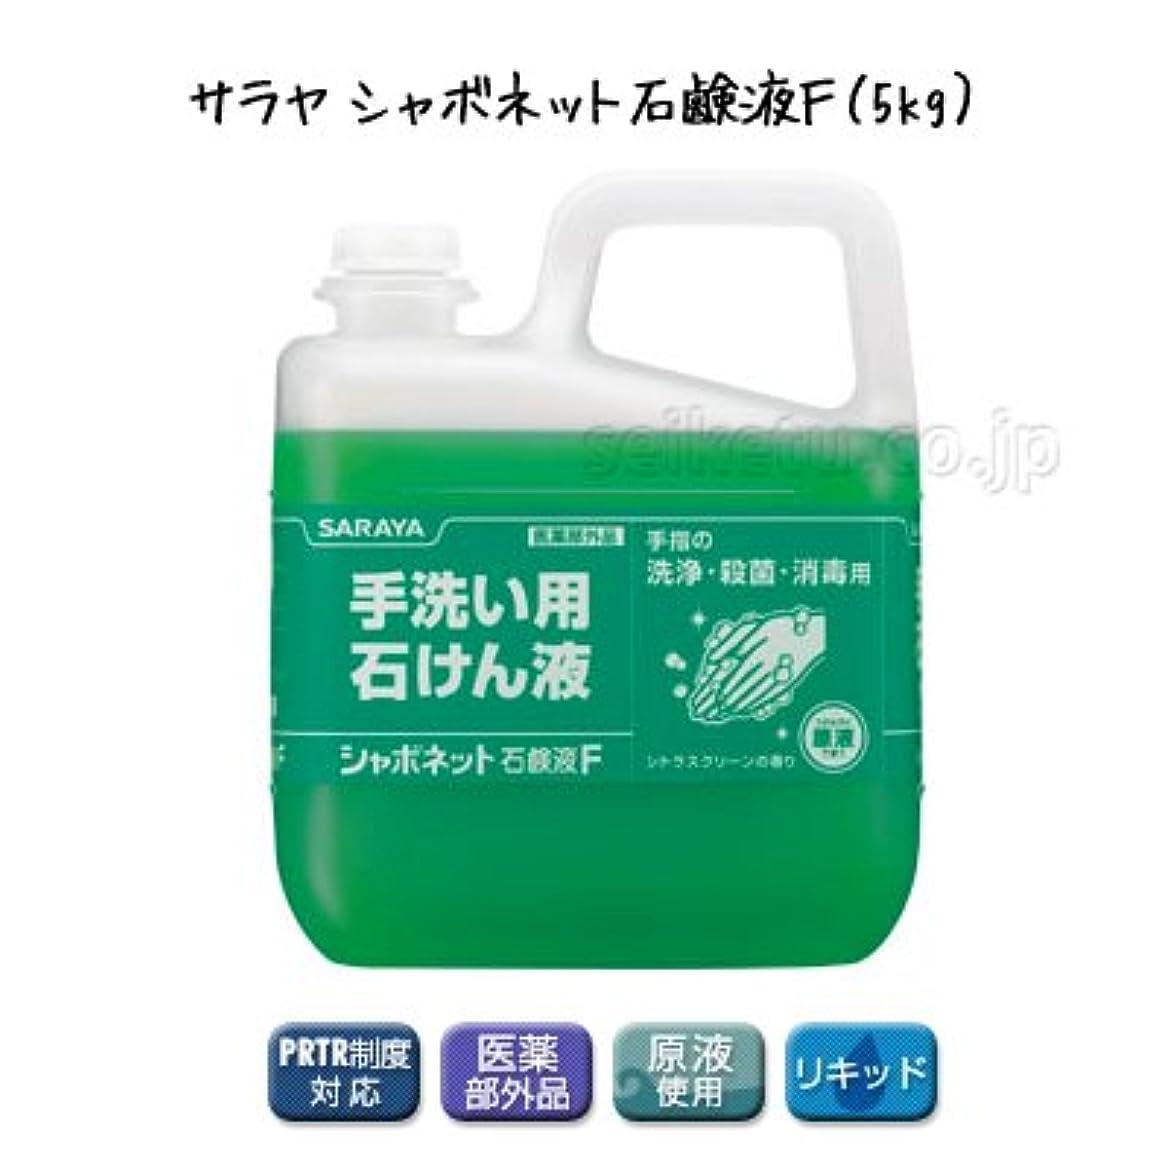 エレベーターまた明日ね不可能な【清潔キレイ館】サラヤ シャボネット石鹸液F(5kg)